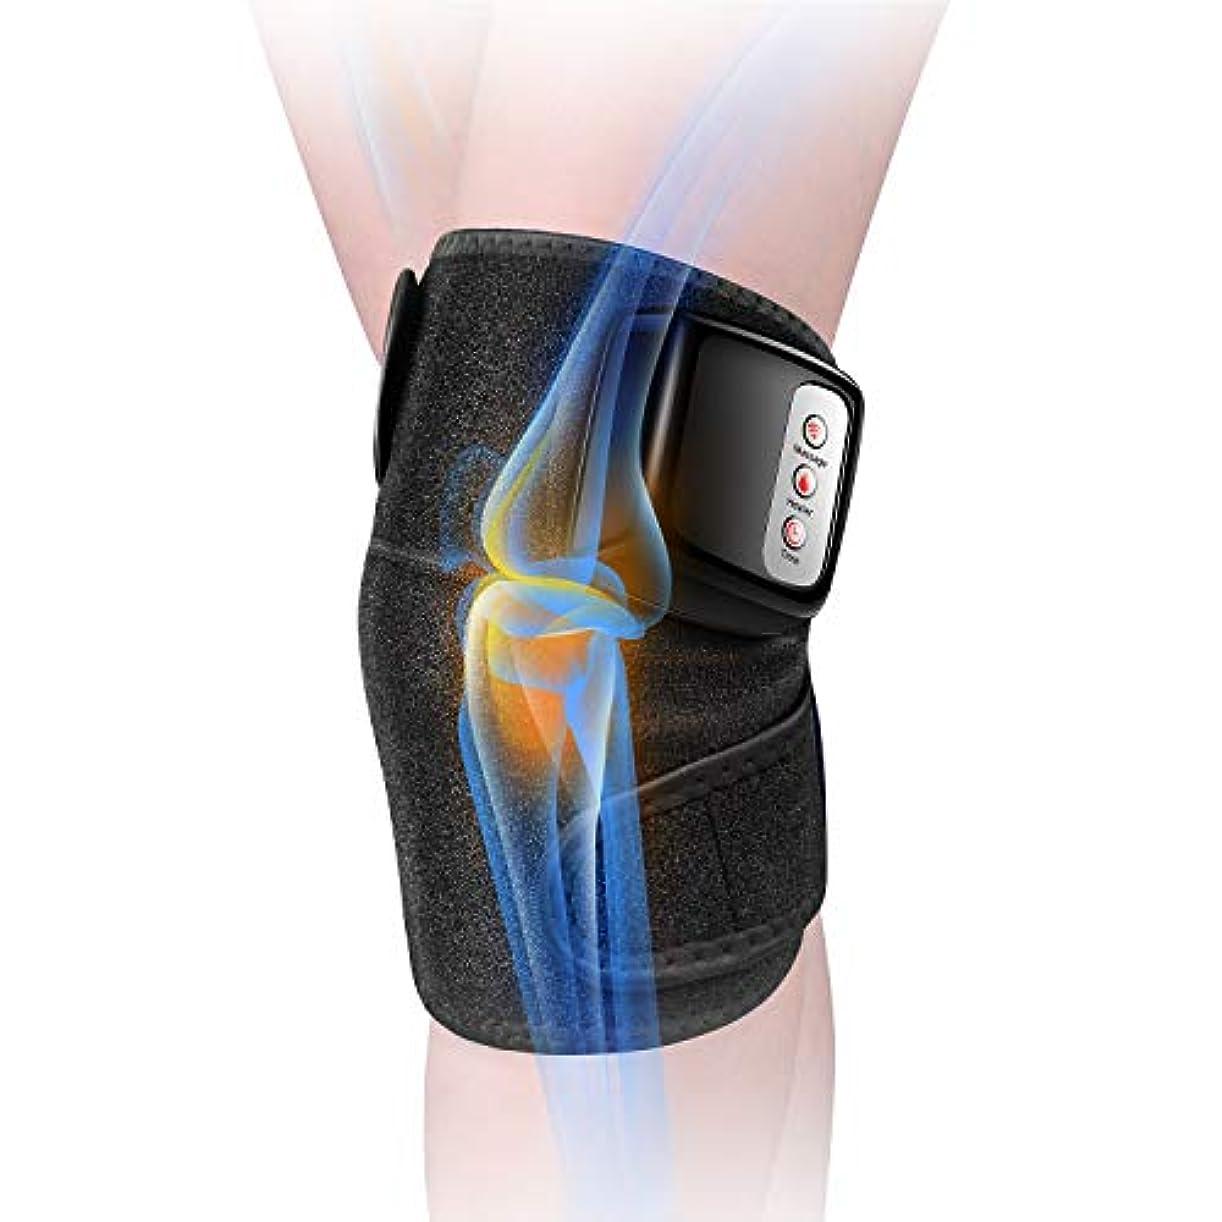 チェスアパート速度膝マッサージャー 関節マッサージャー マッサージ器 フットマッサージャー 振動 赤外線療法 温熱療法 膝サポーター ストレス解消 肩 太もも/腕対応